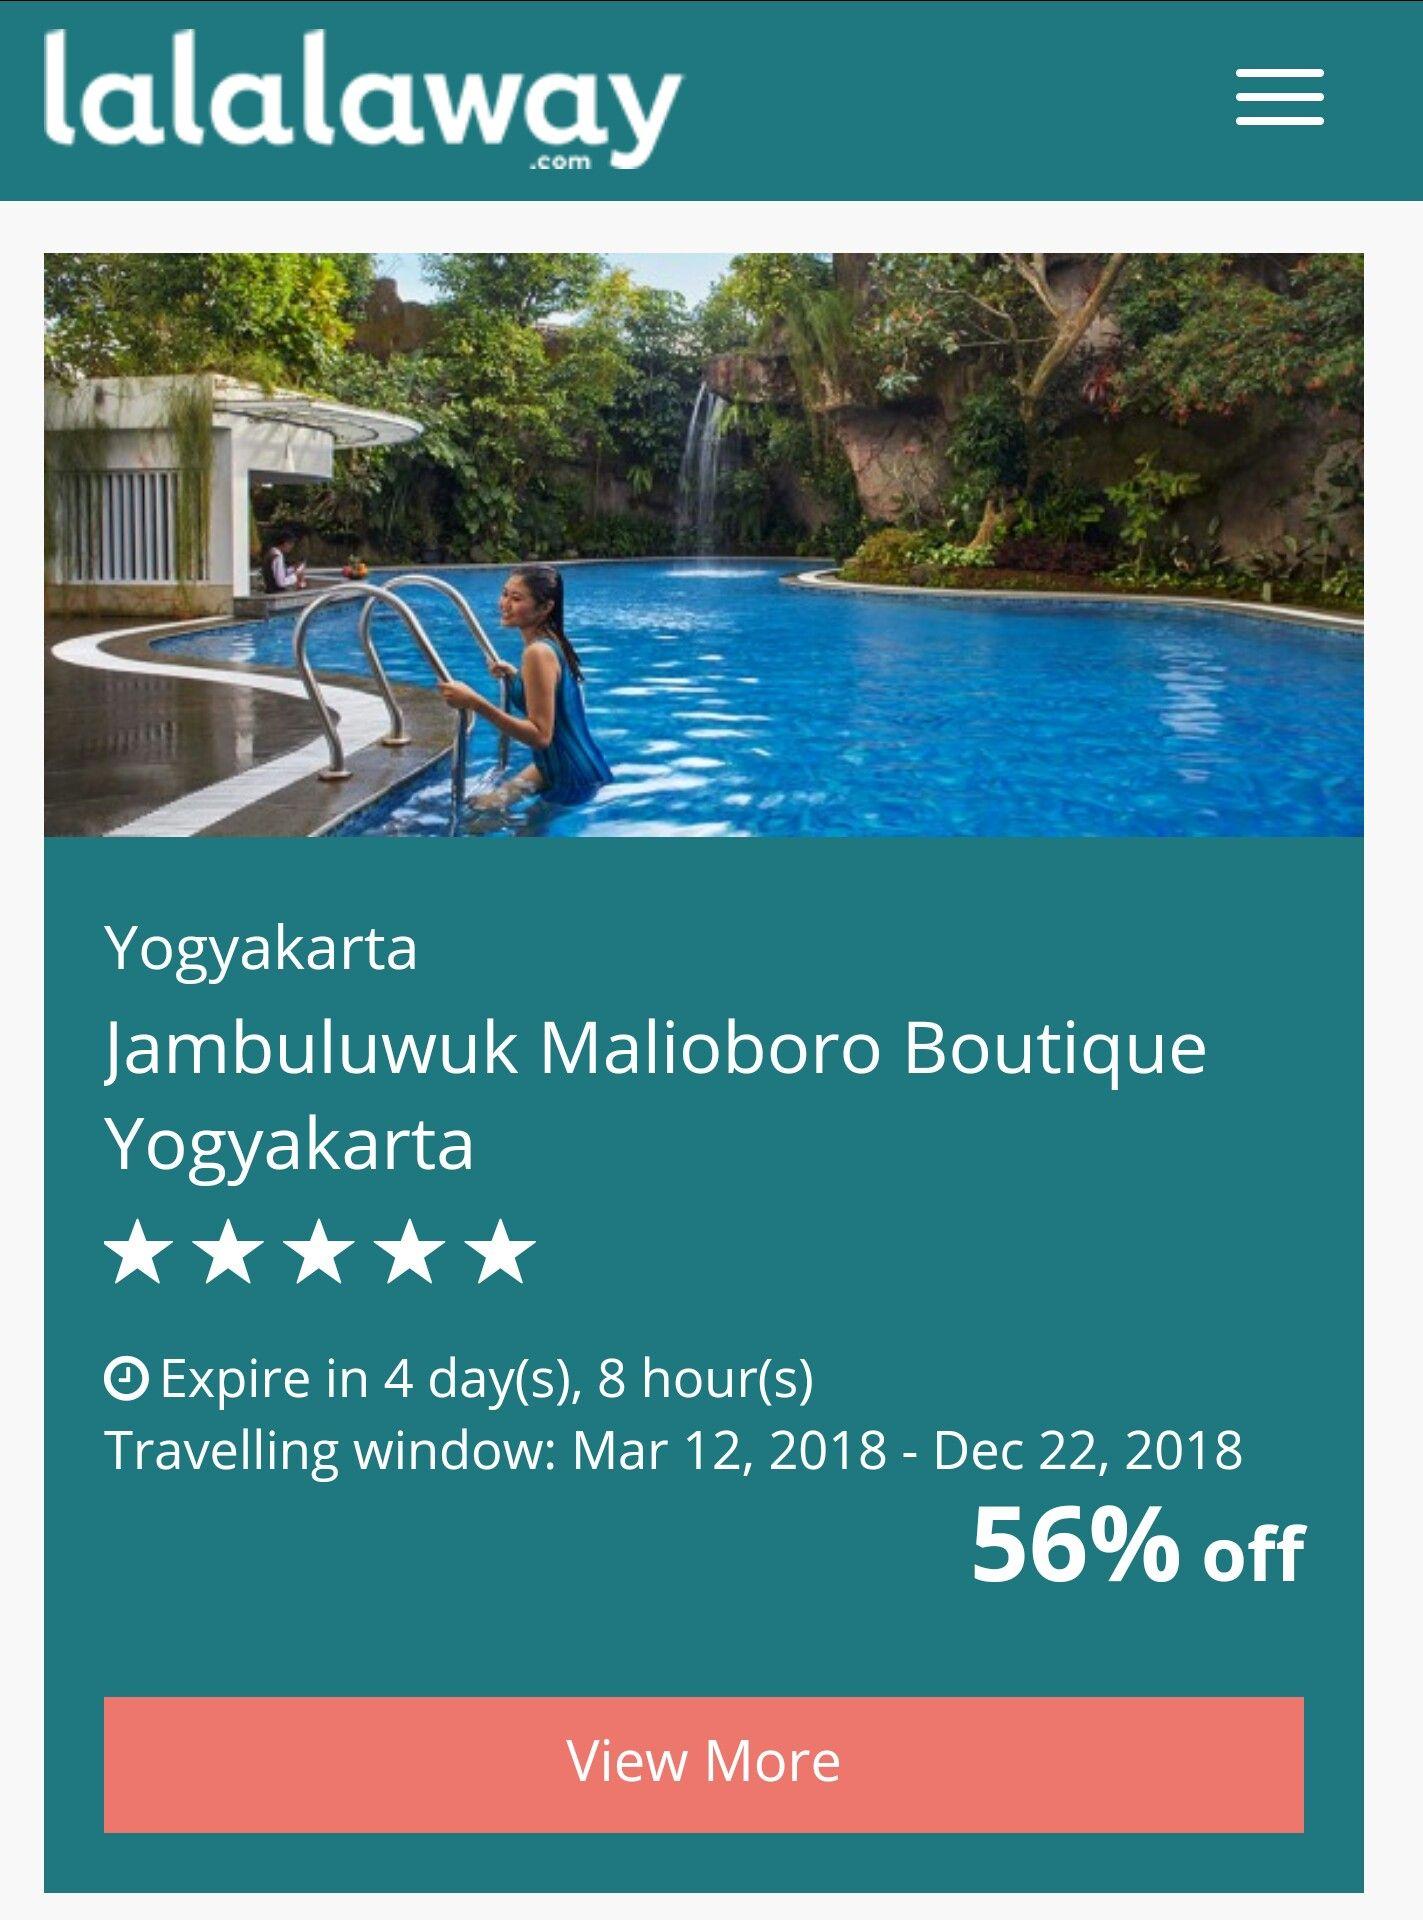 situs booking hotel lalalaway memberi diskon besar